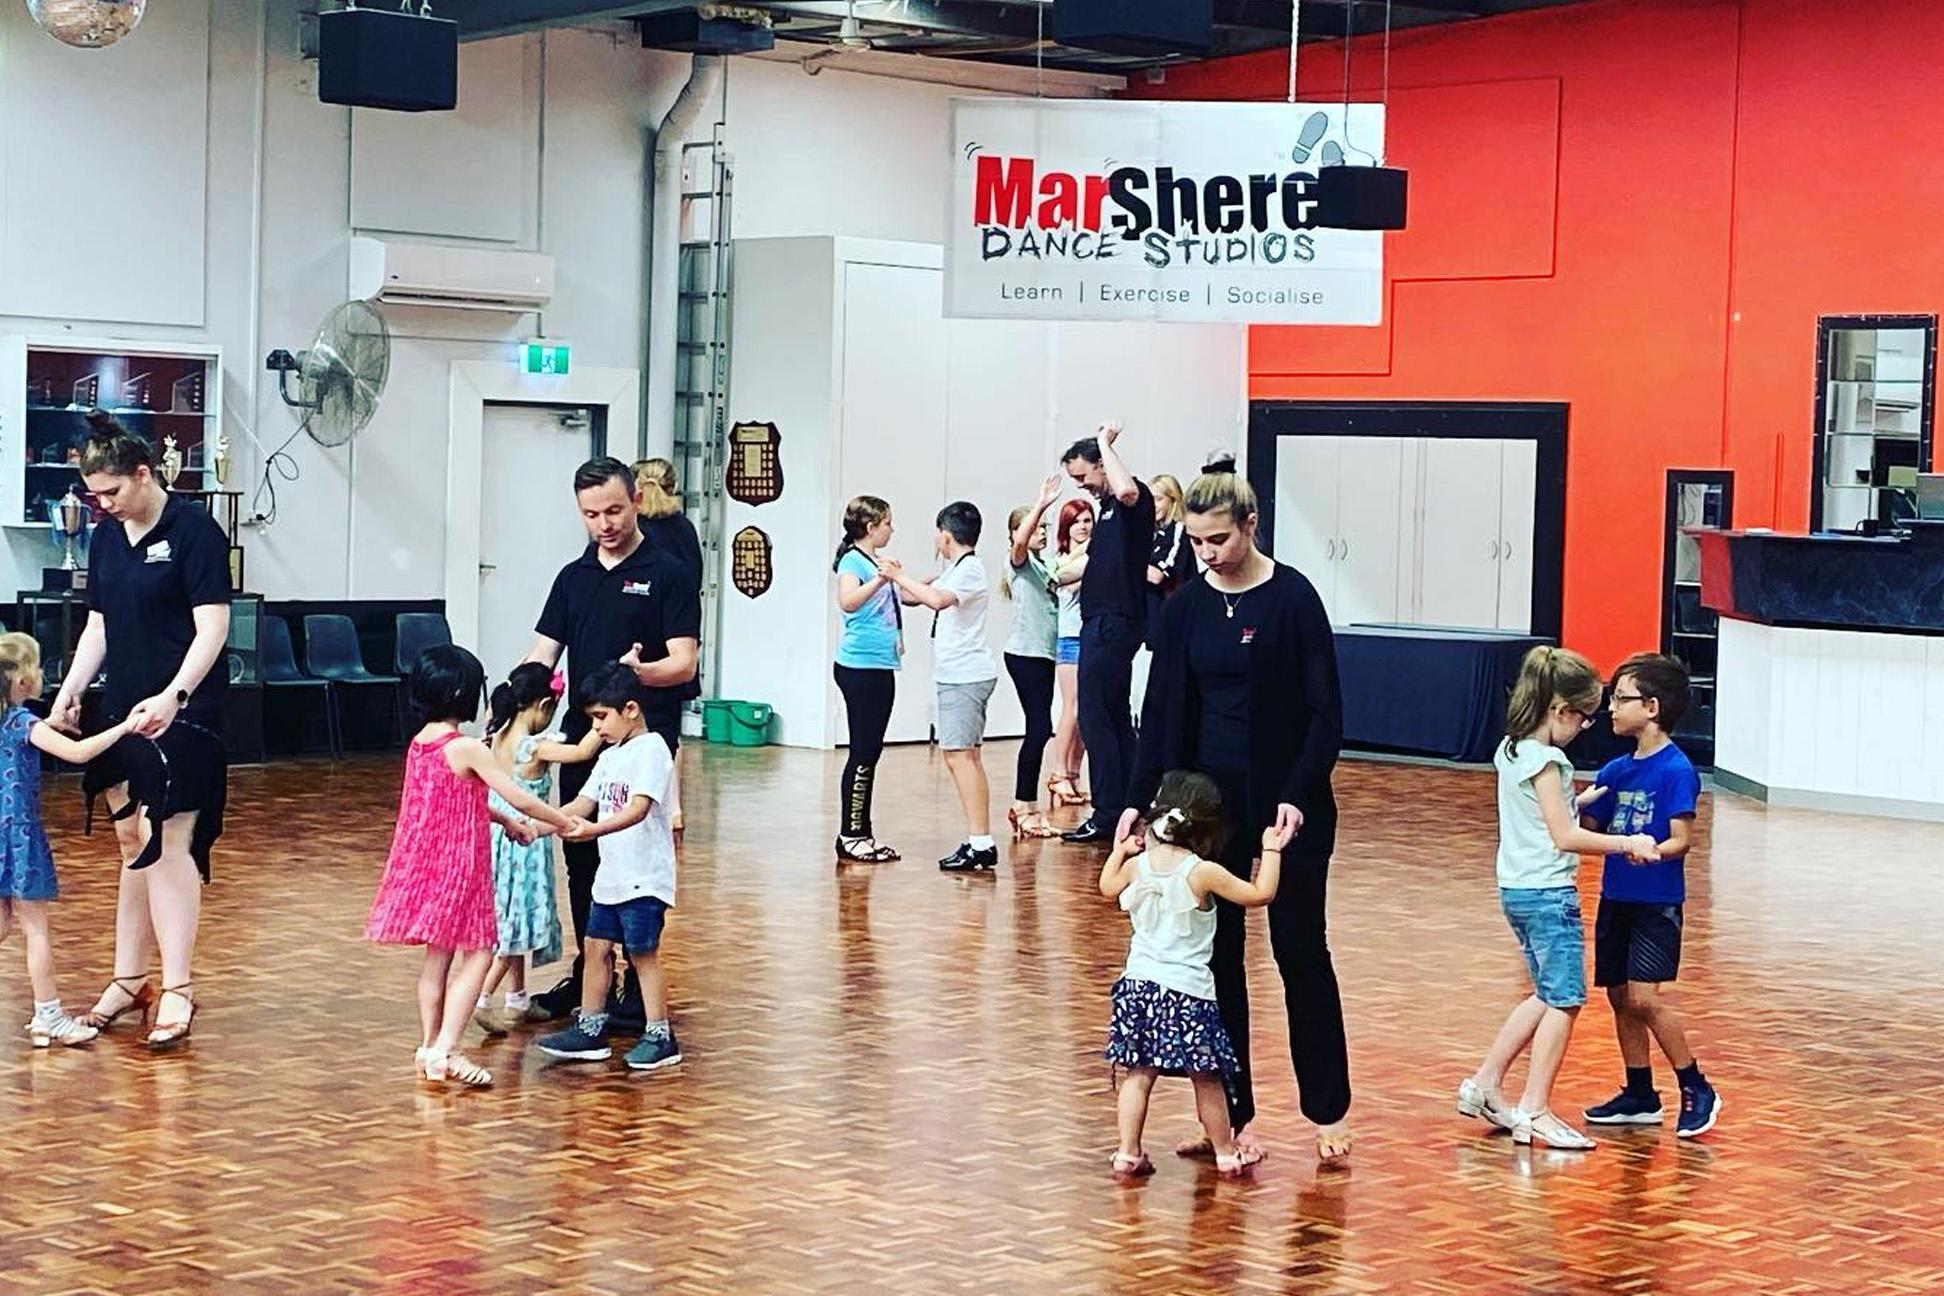 Kids ballroom dancing classes at MarShere Dance Studios